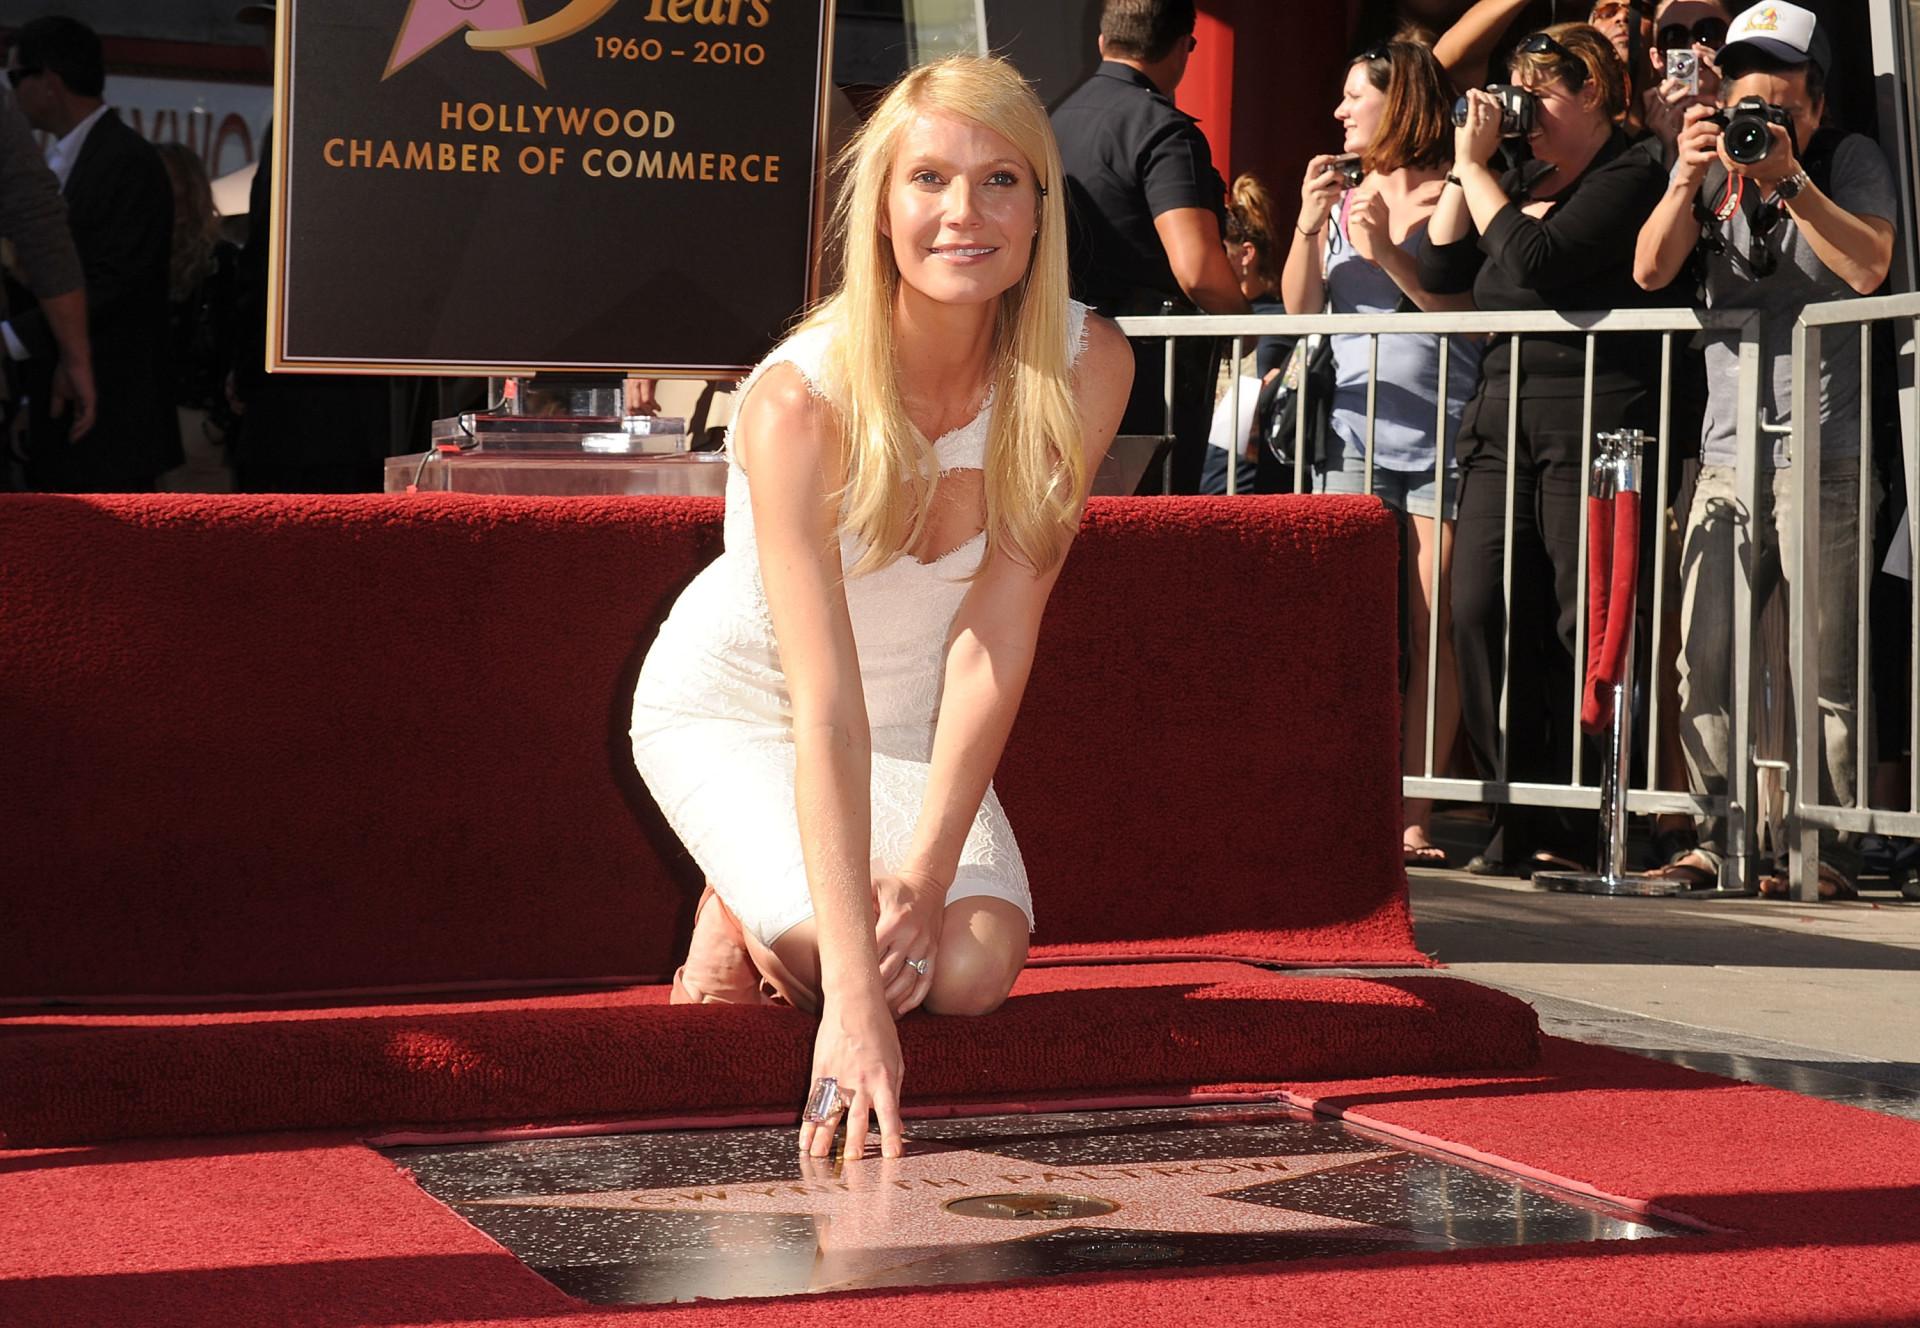 Gwyneth Paltrow: A woman of many talents